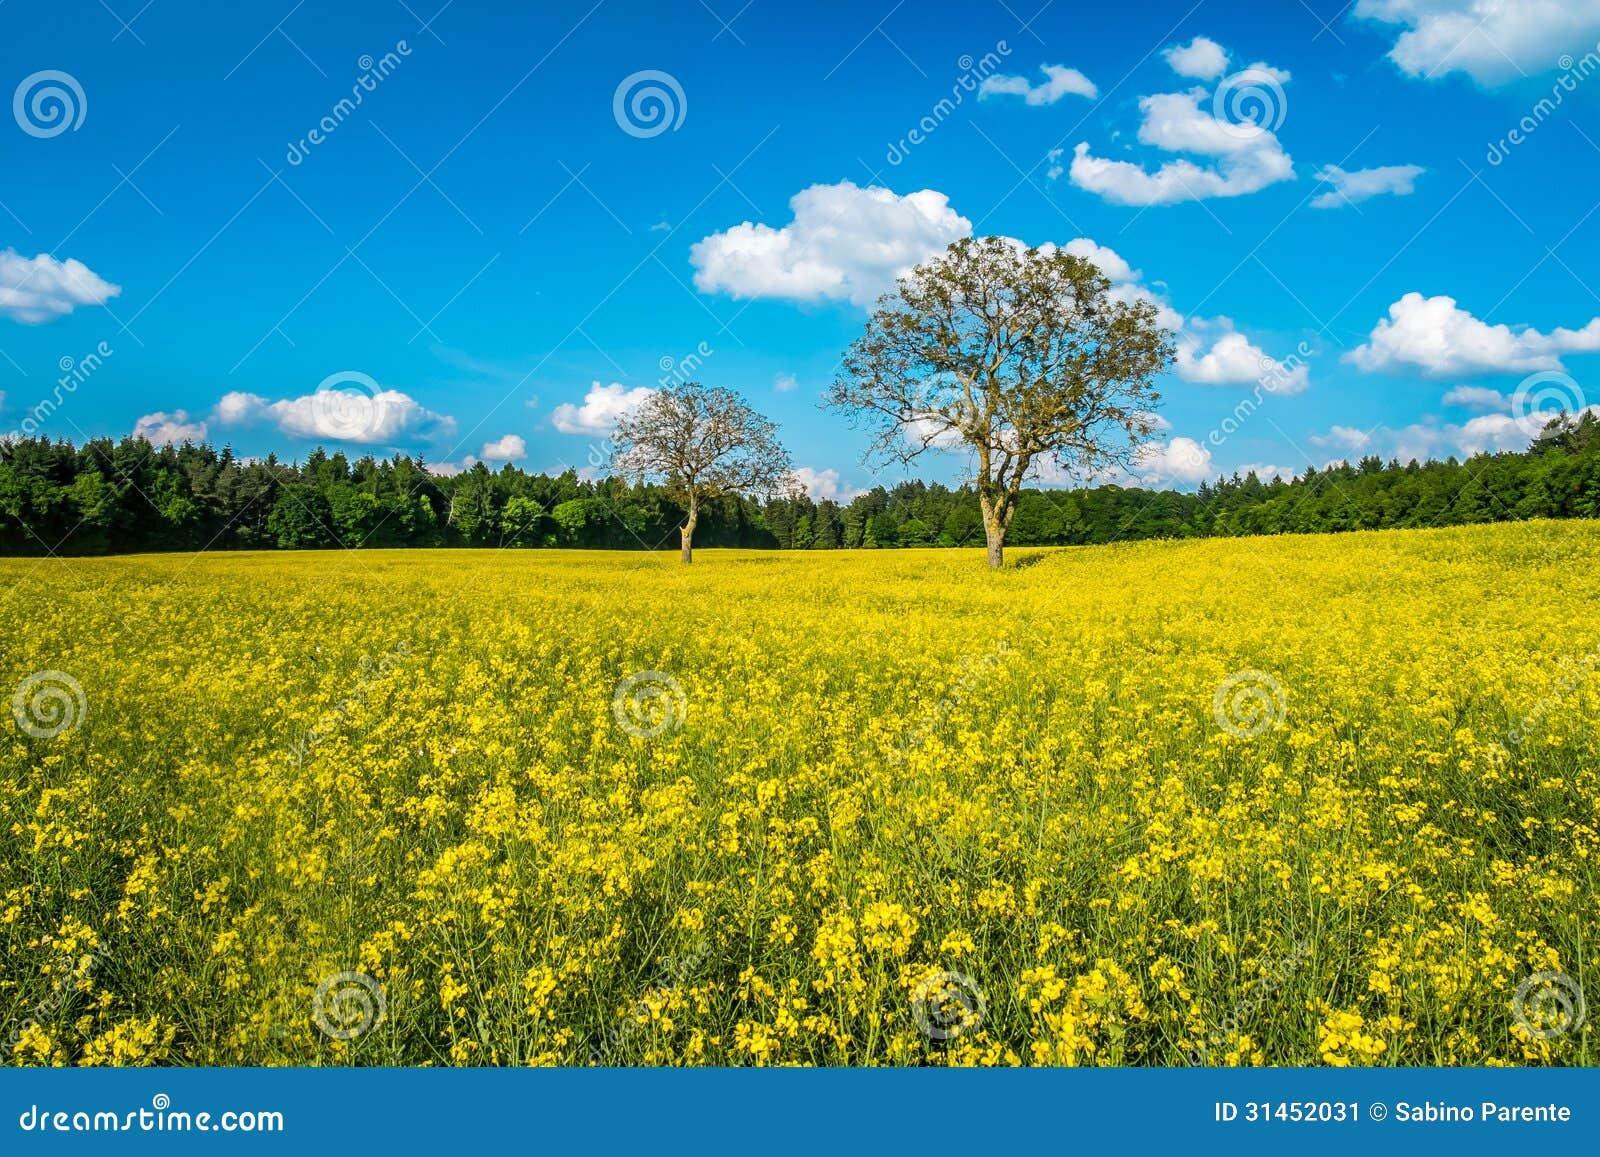 beautiful yellow field landscape - photo #14